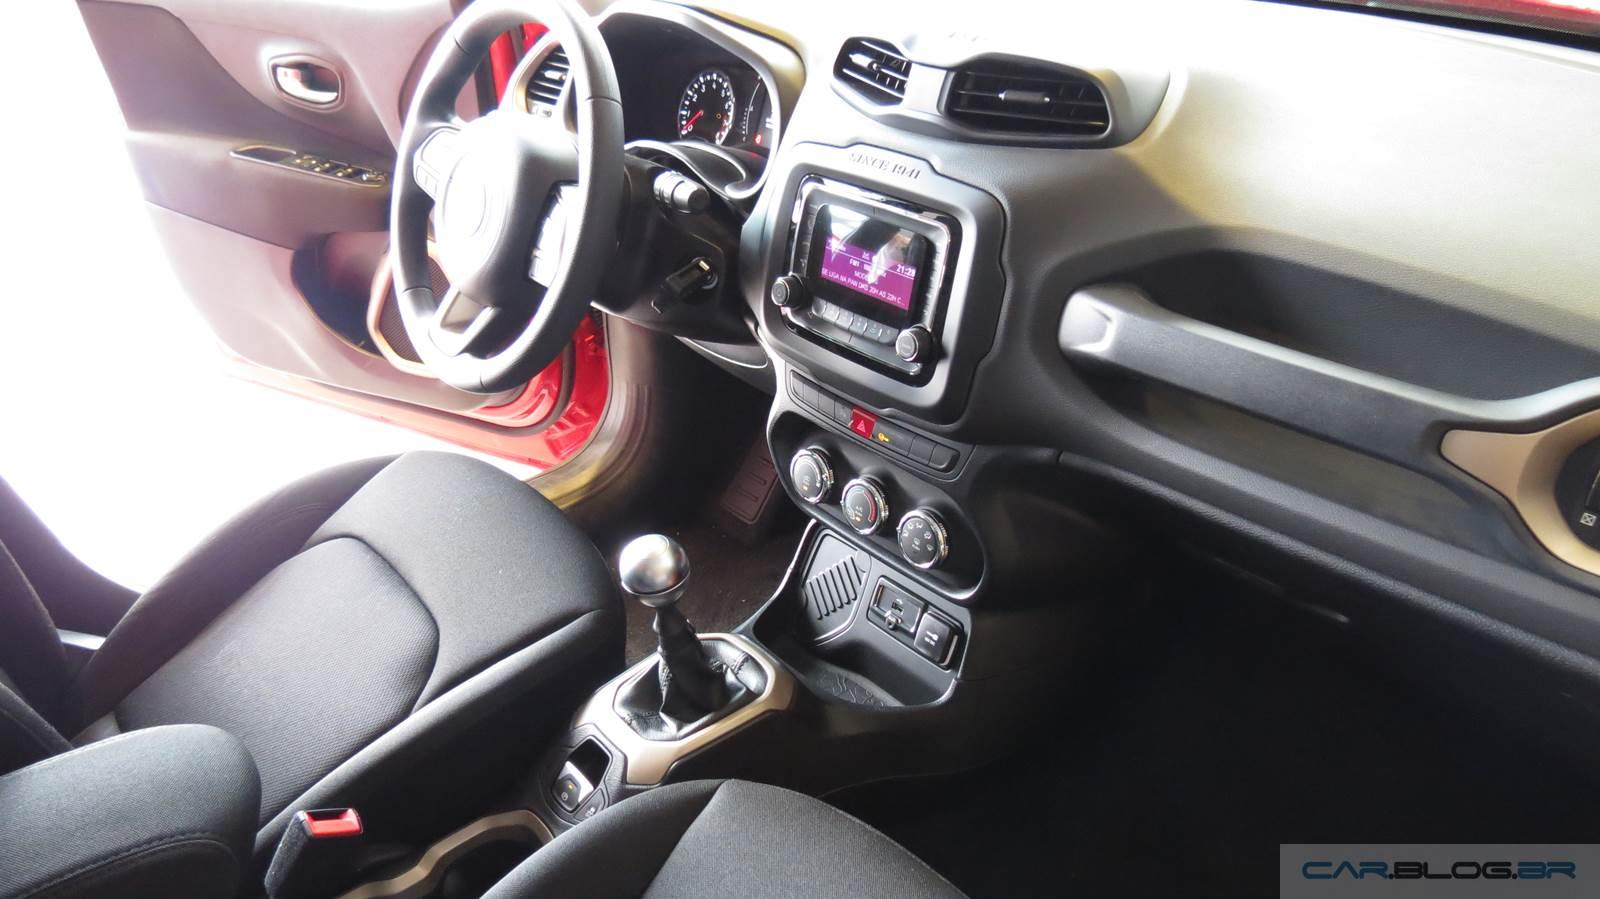 Jeep renegade flex fotos e v deo do modelo de r 69 9 mil for Interno jeep renegade